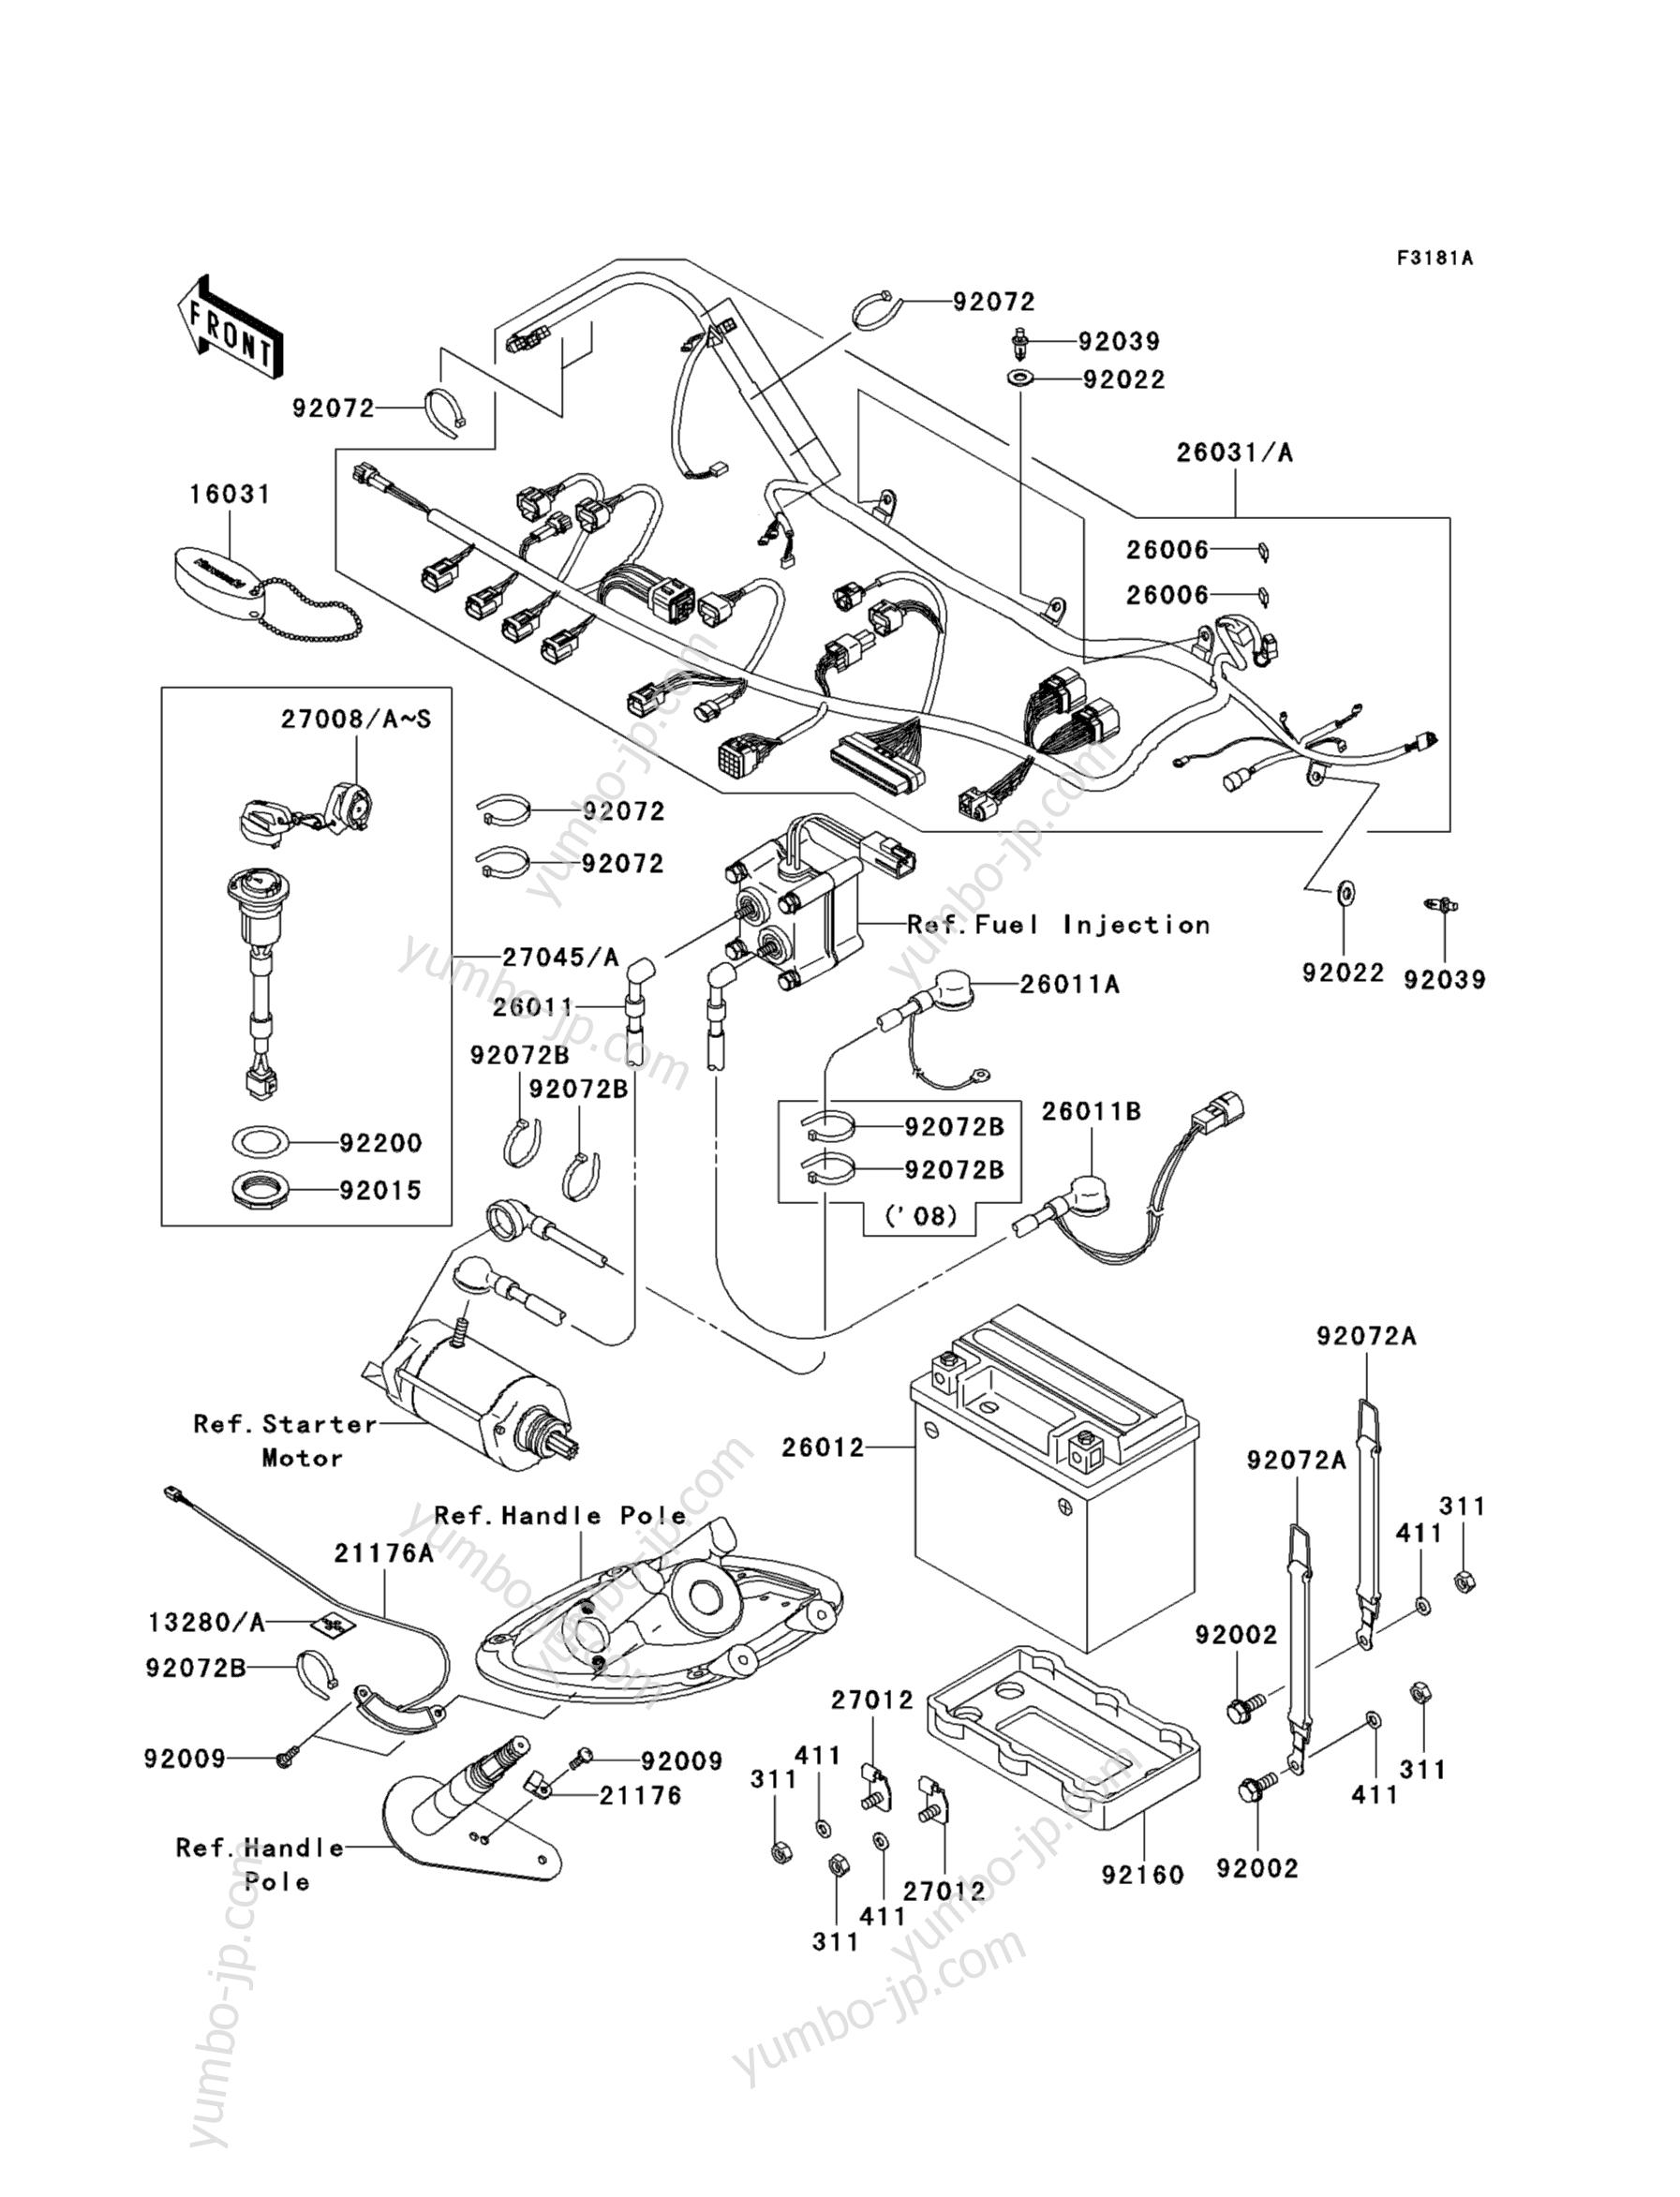 Electrical Equipment (A8F∼AAF) для гидроциклов KAWASAKI JET SKI STX-15F (JT1500AAF) 2010 г.